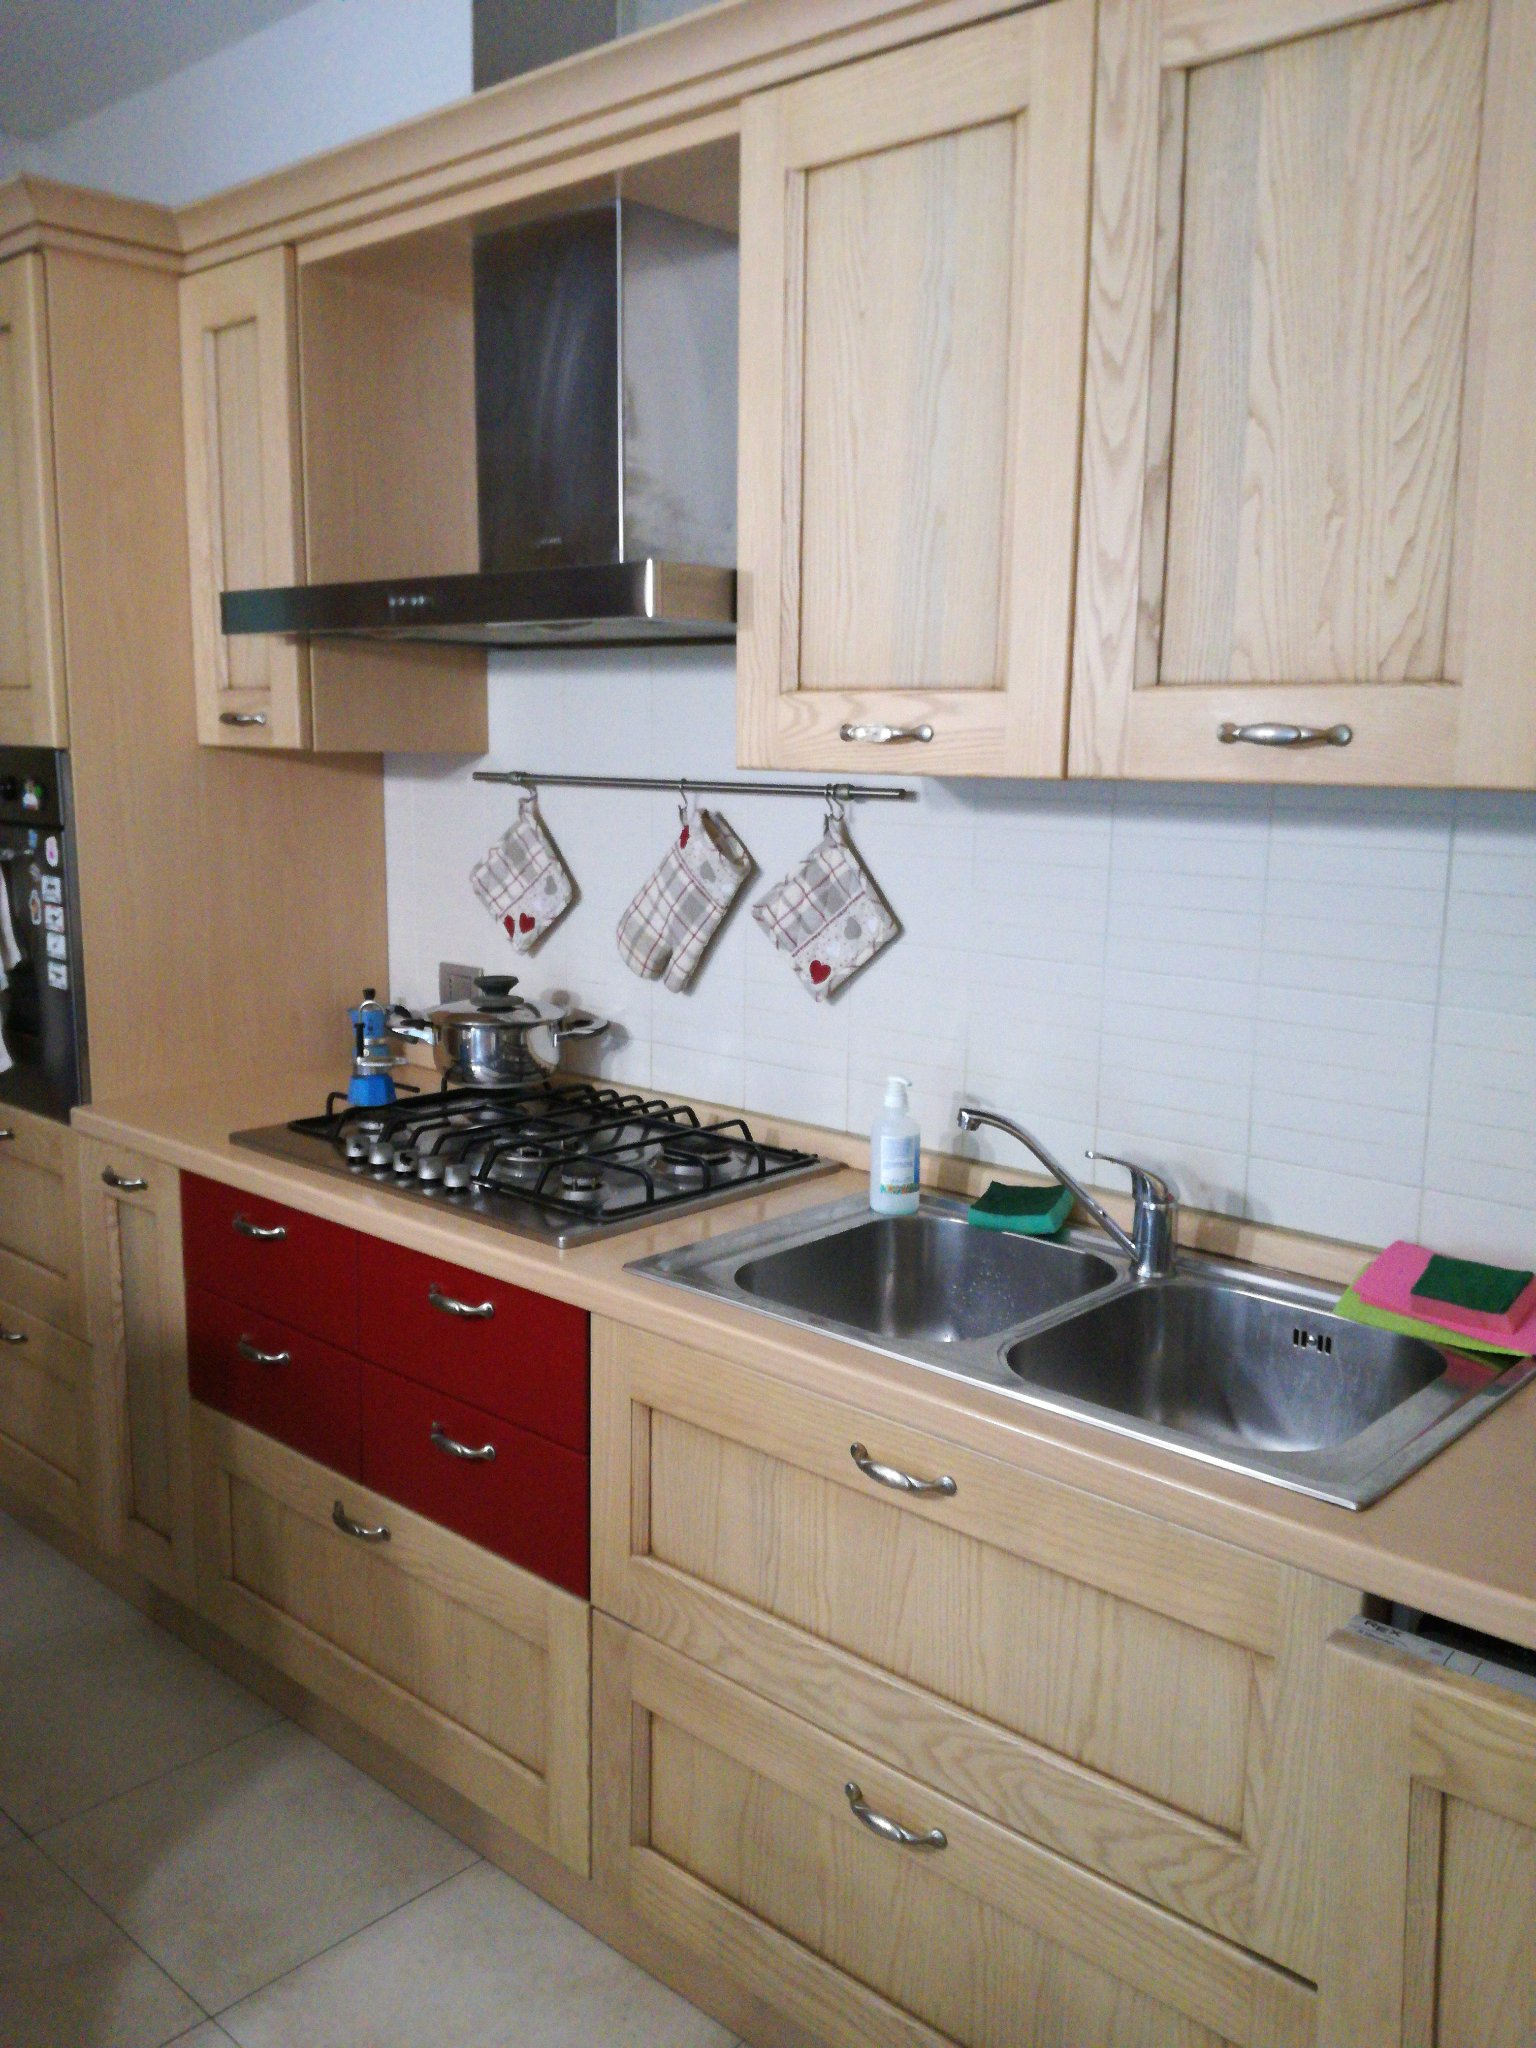 Verniciare mobile cucina in legno 450+120 - Instapro